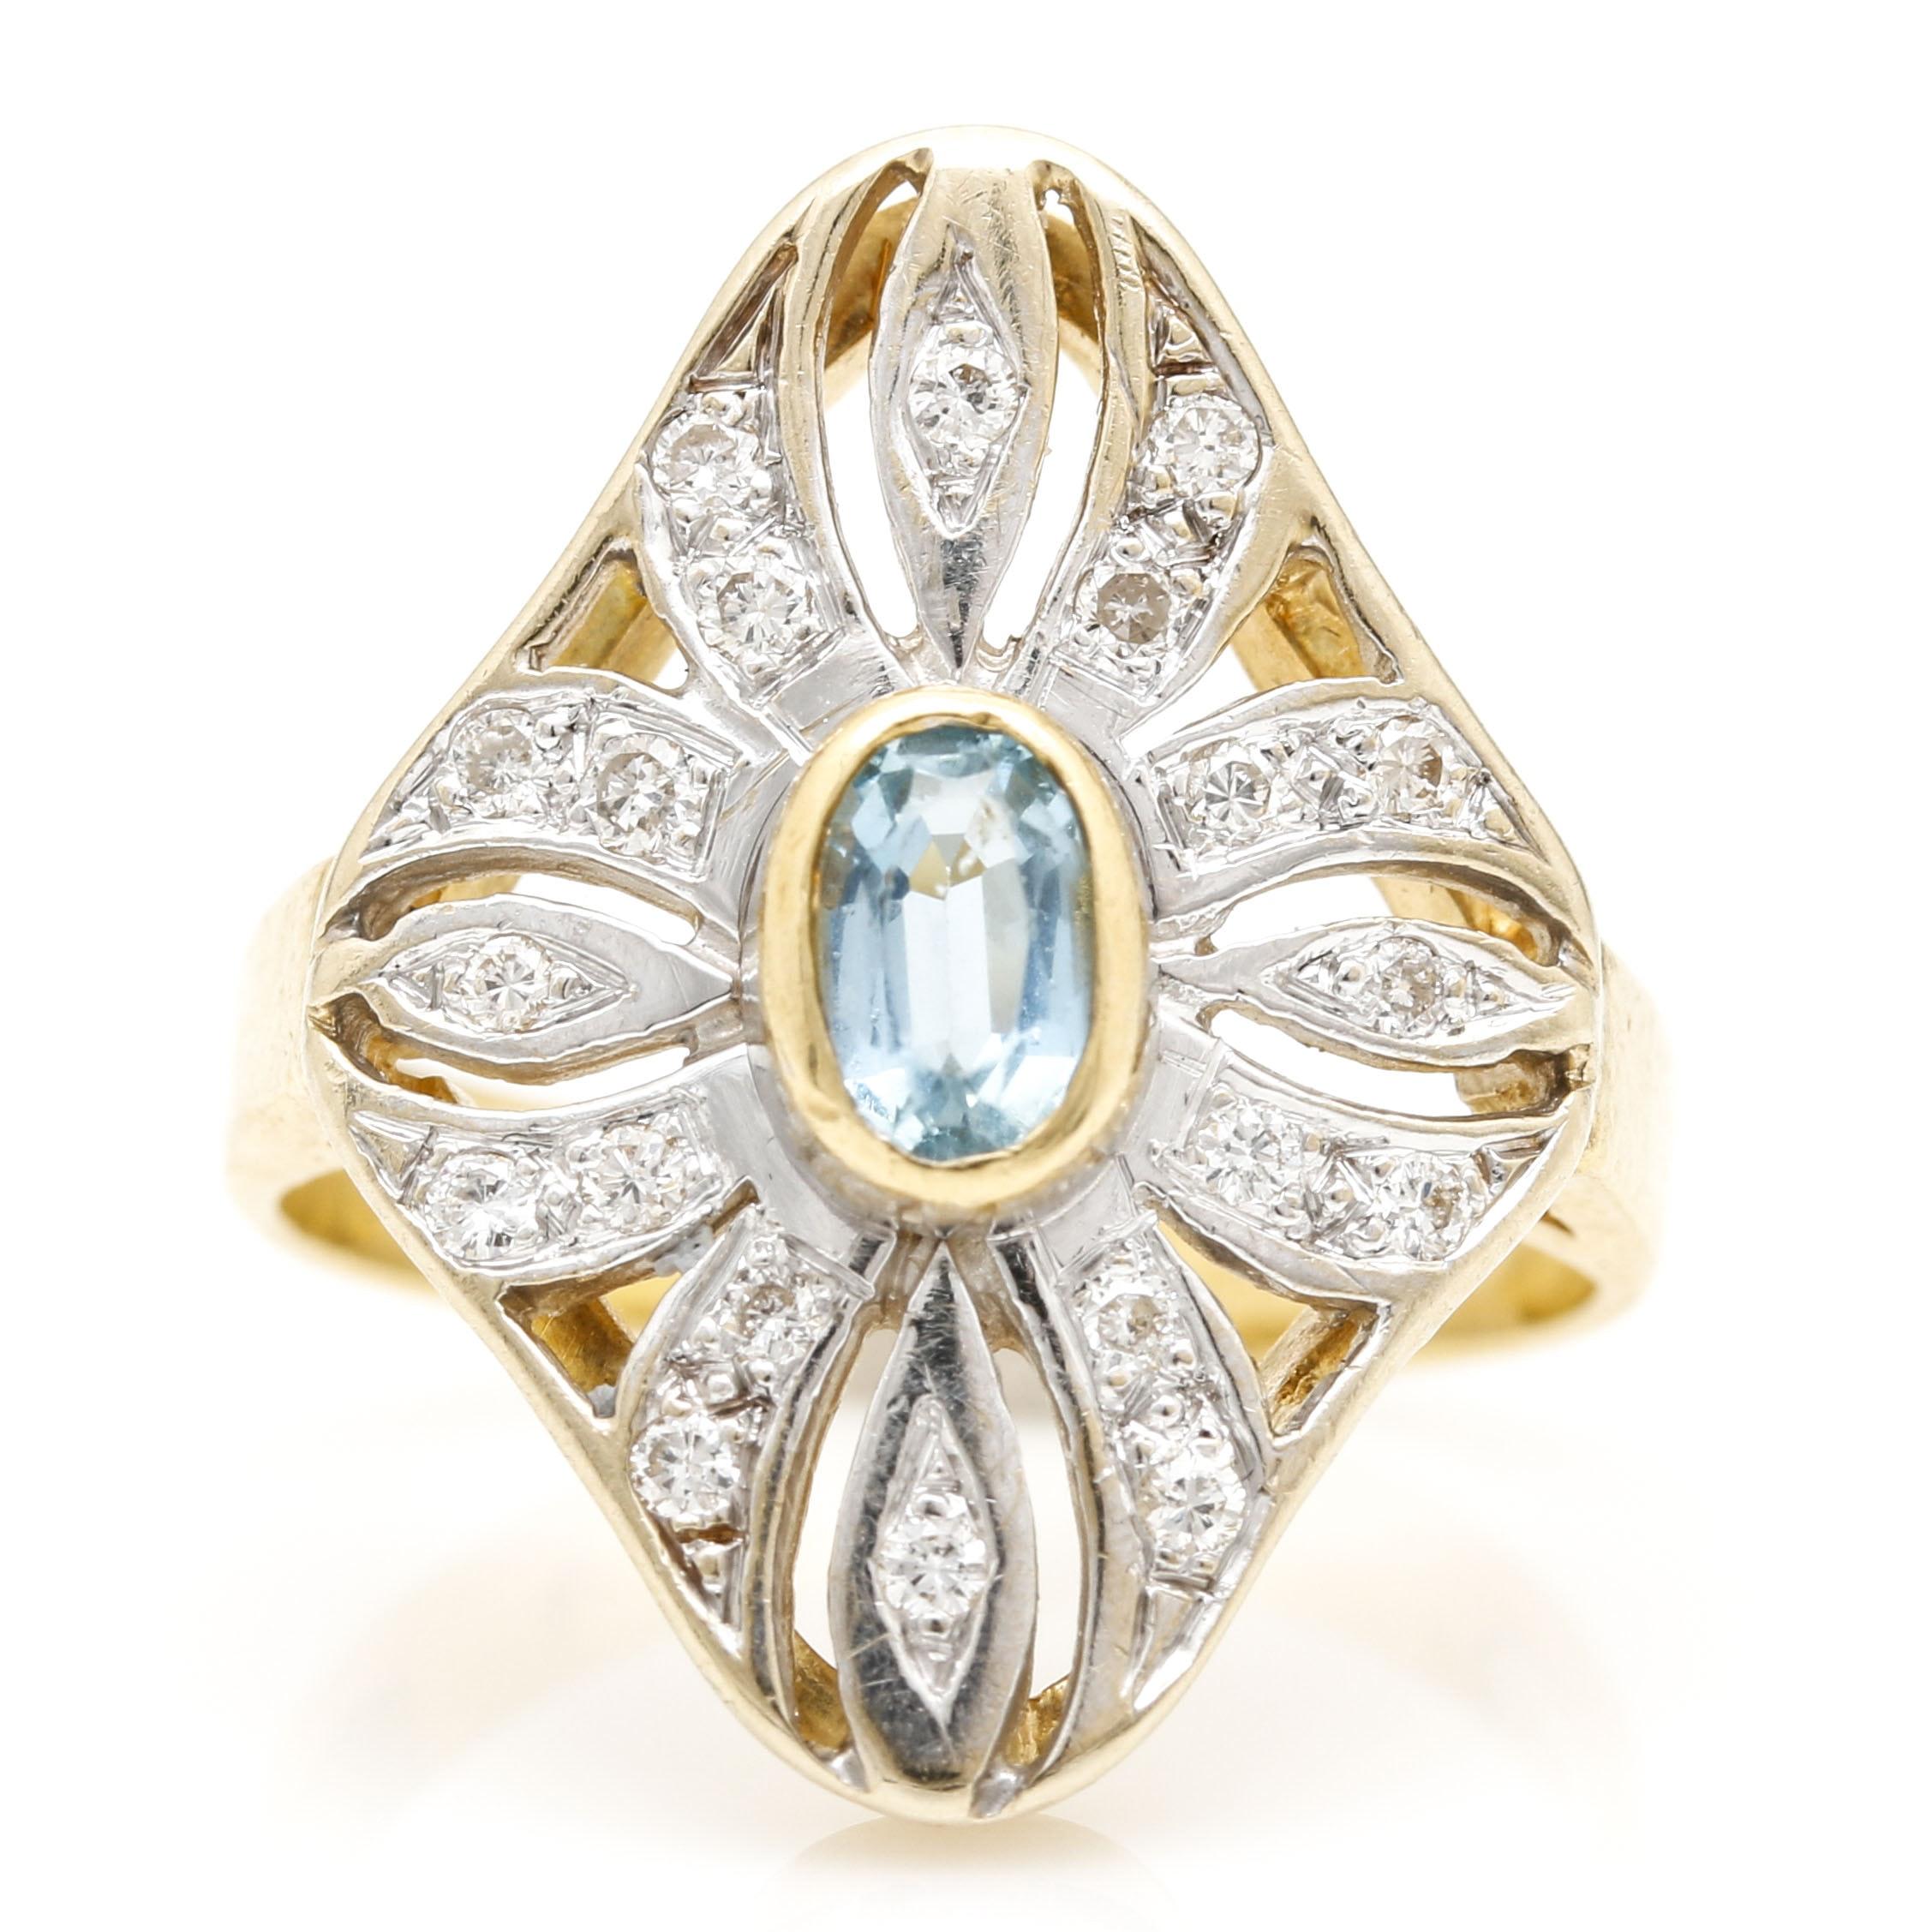 18K Yellow Gold Diamond and Aquamarine Ring